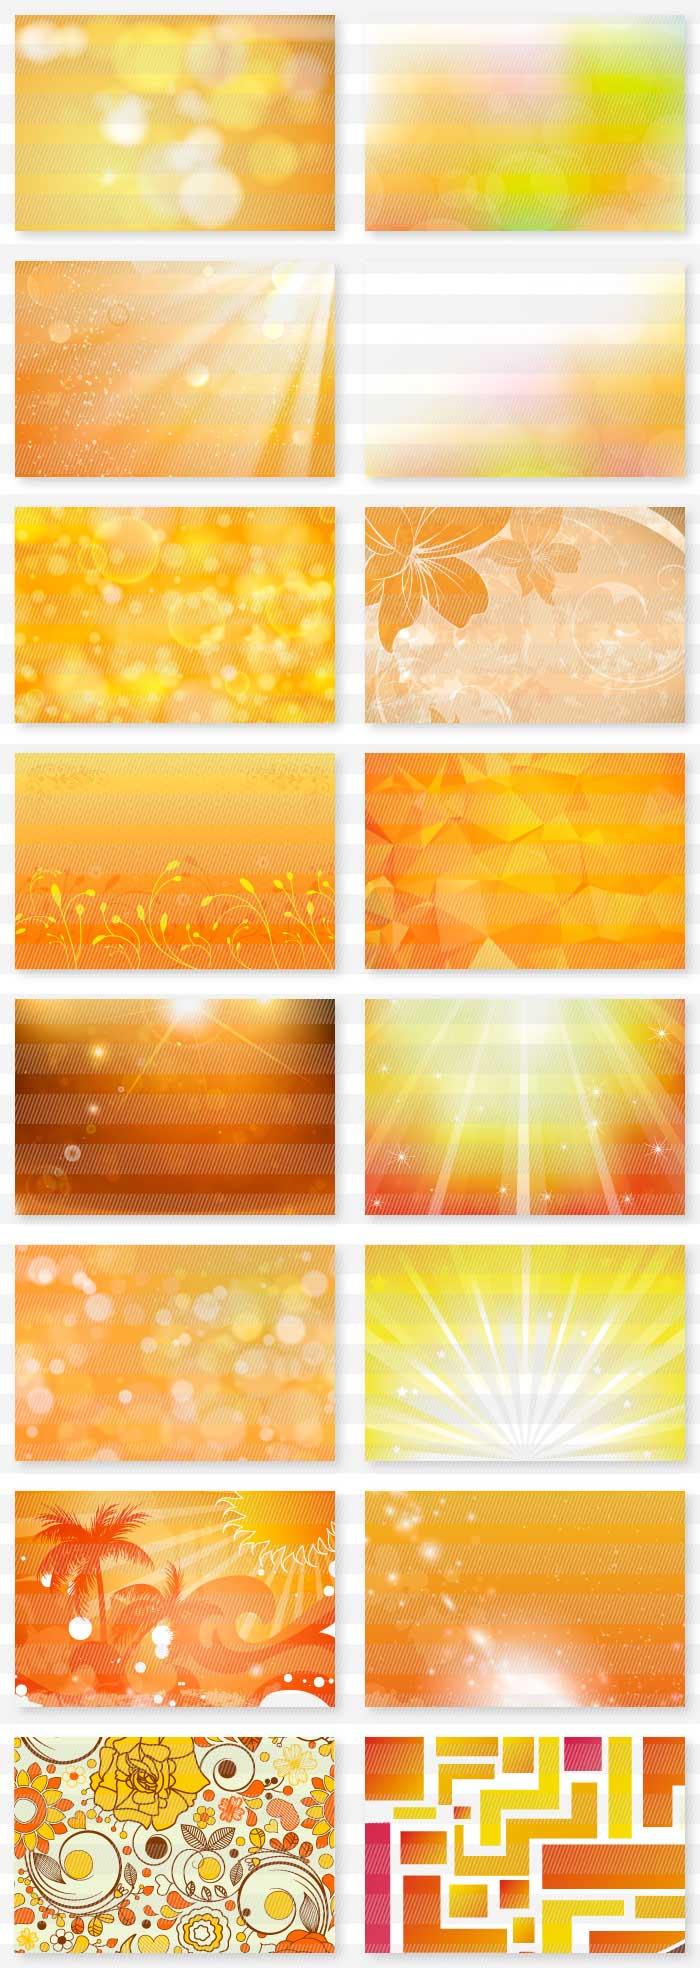 オレンジと赤のイラスト背景素材|イラストレーター素材(ai・eps・商用可能)